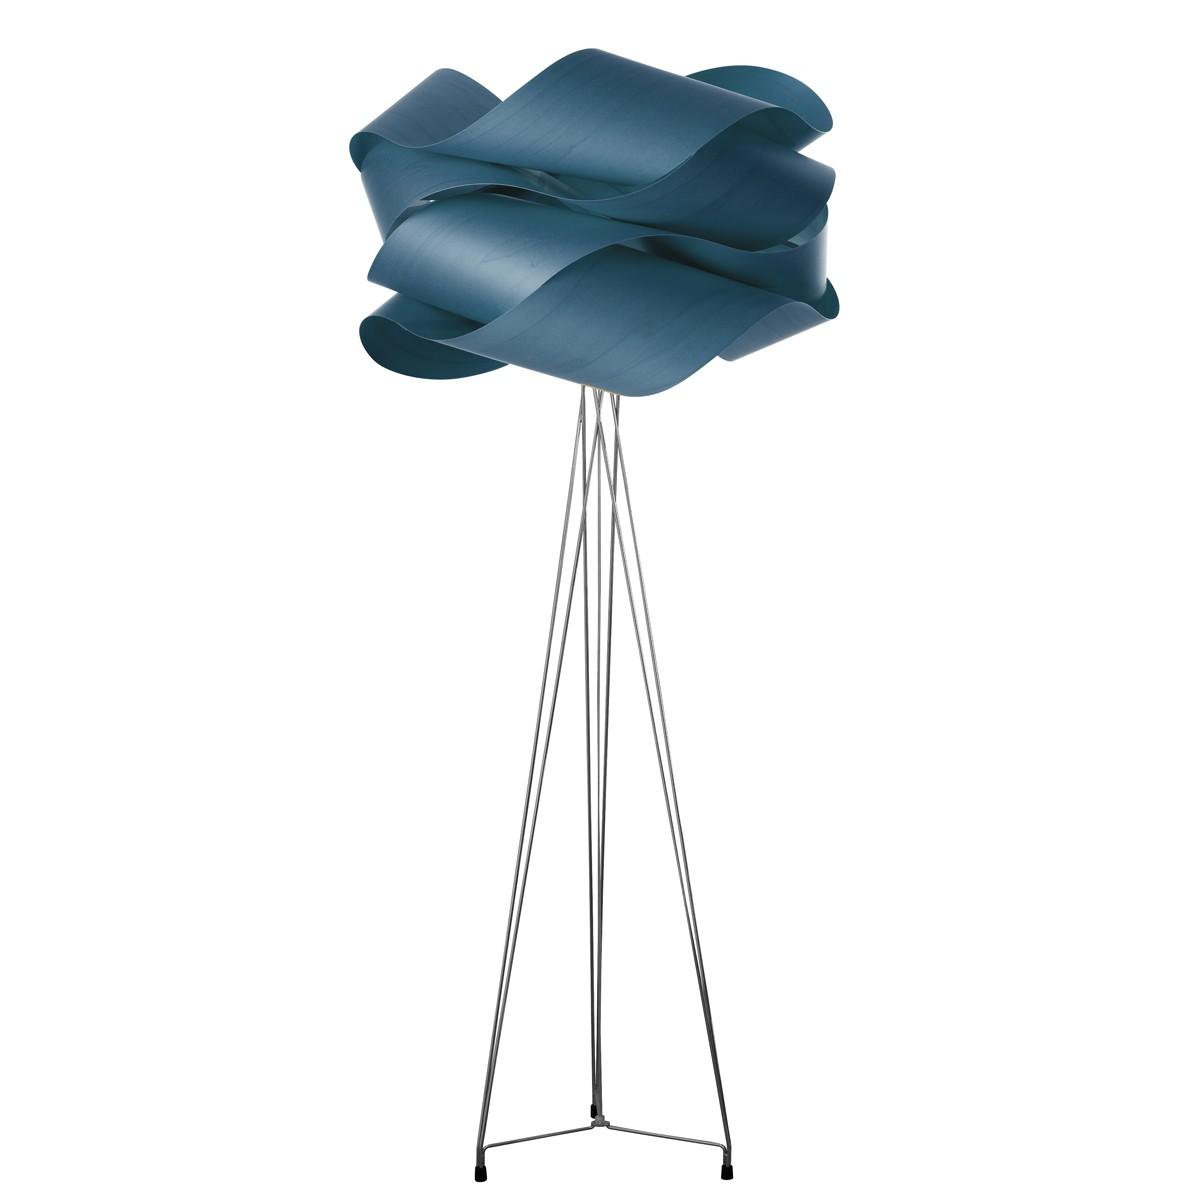 LZF Lamps Link Stehleuchte, Schirm: blau